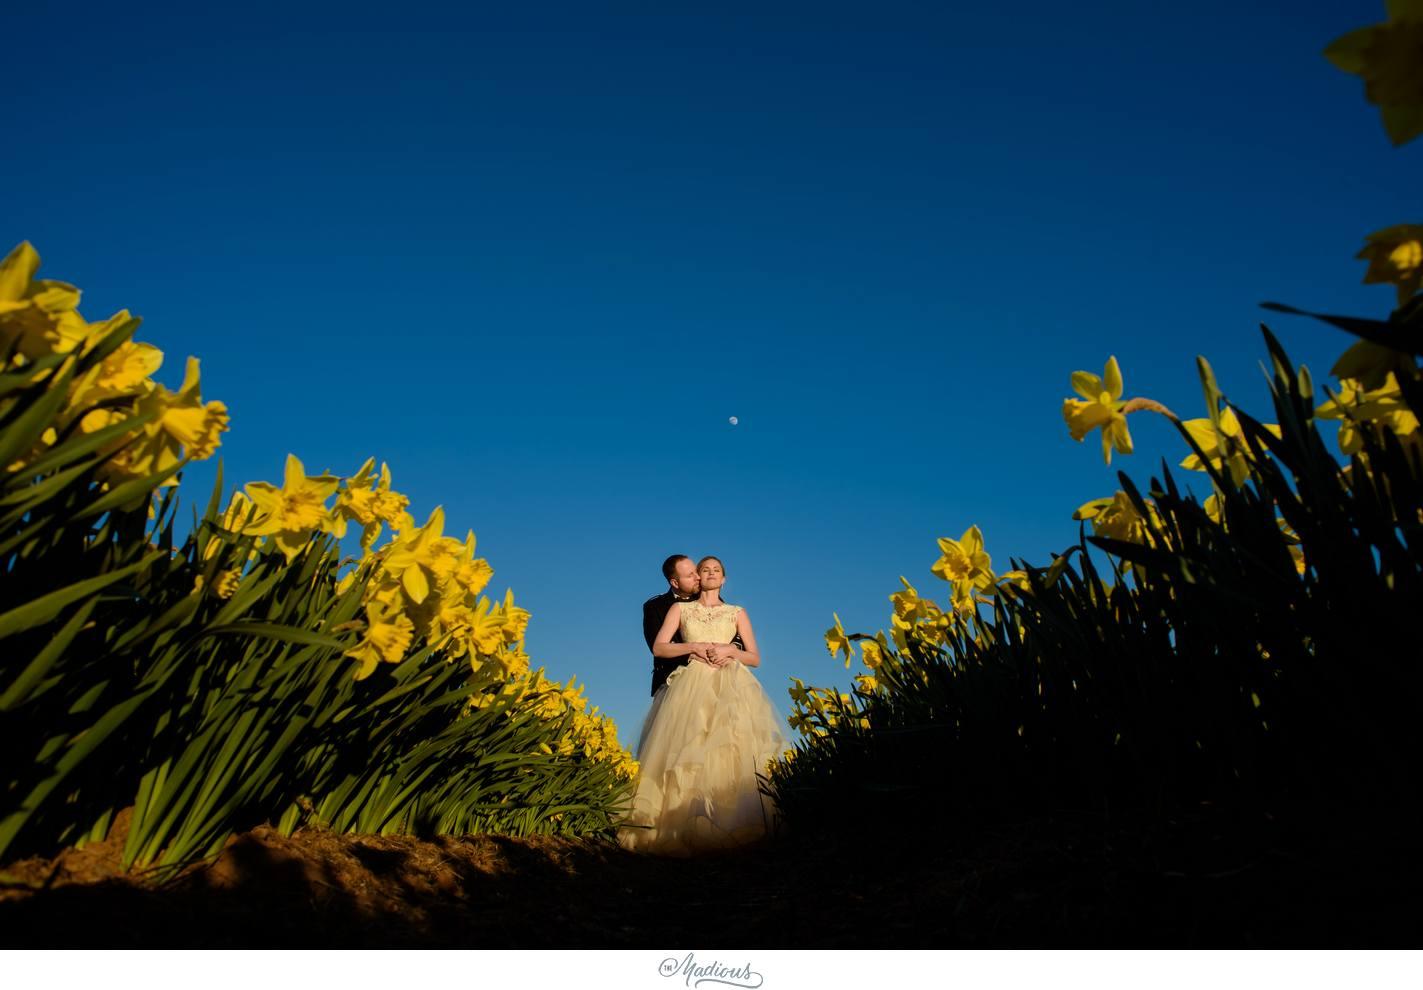 Balbegno_Dunnotar_Castle_Scottland_Wedding_56.jpg